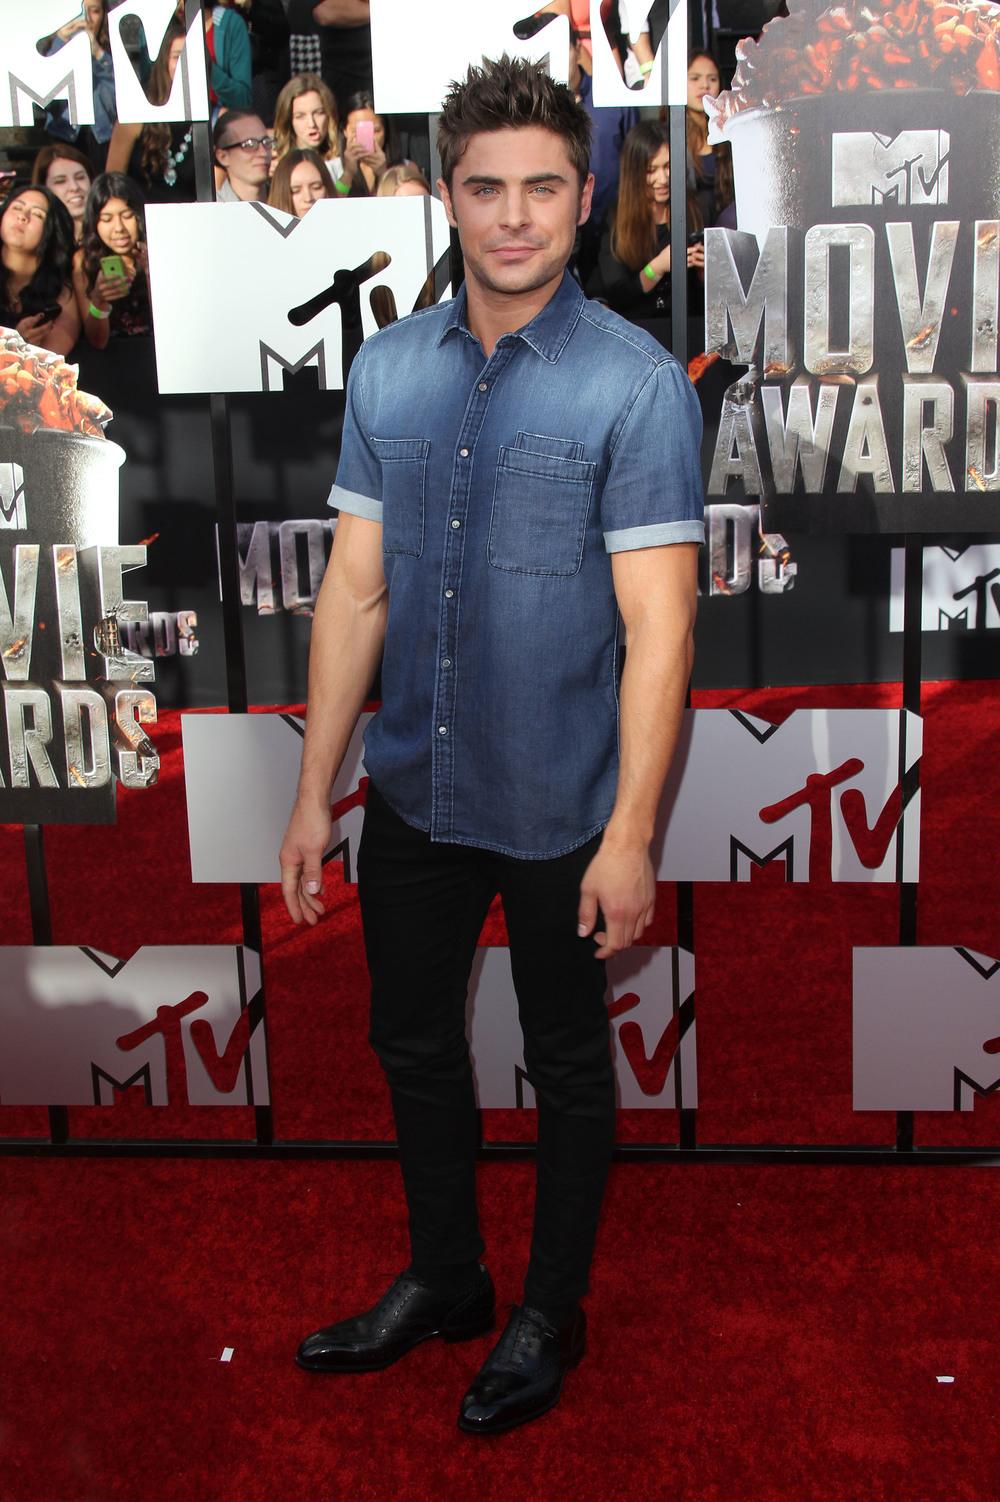 Zac Efron - 2014 MTV Movie Awards LA - Splashnews